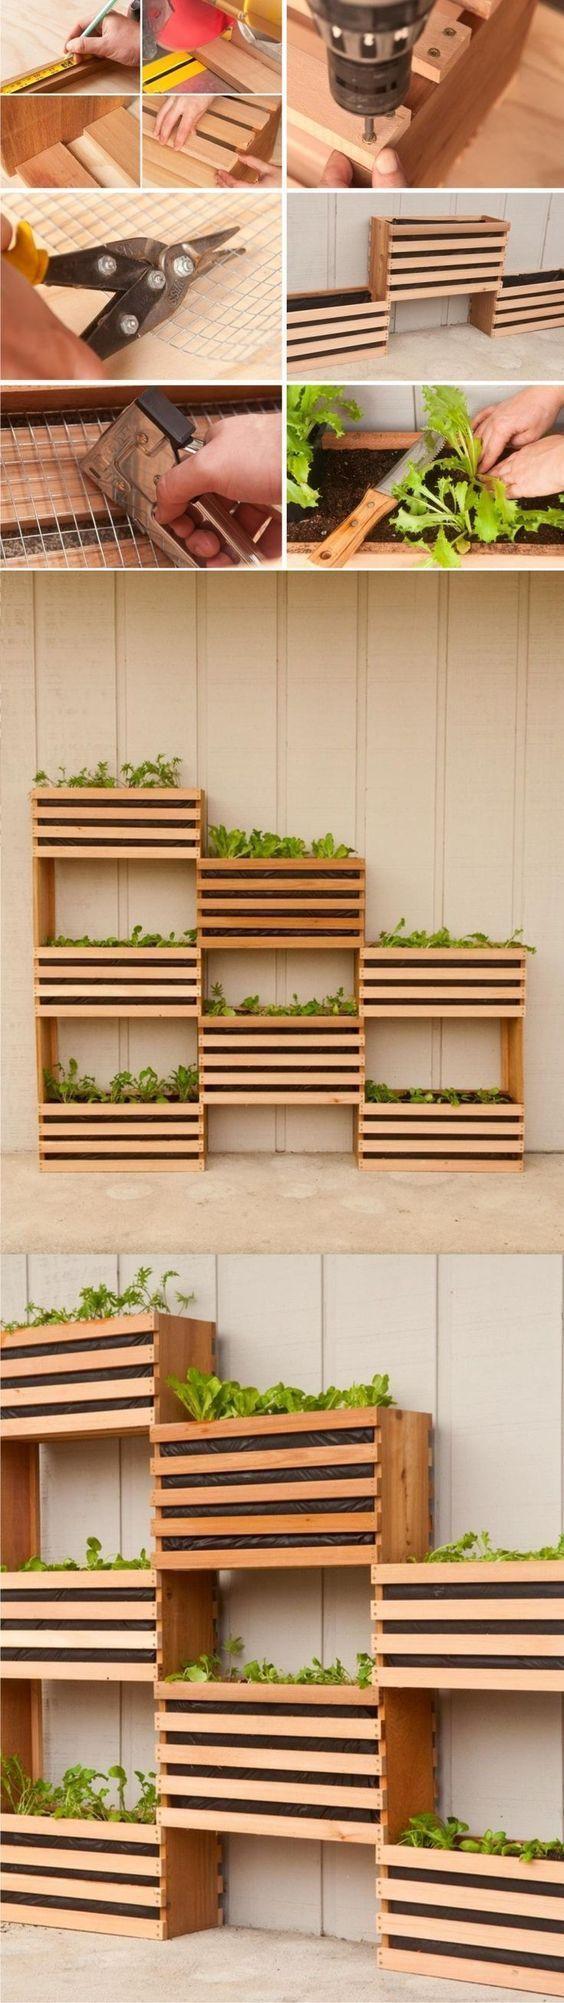 How to: Make a Modern, Space-Saving Vertical Vegetable Garden ...